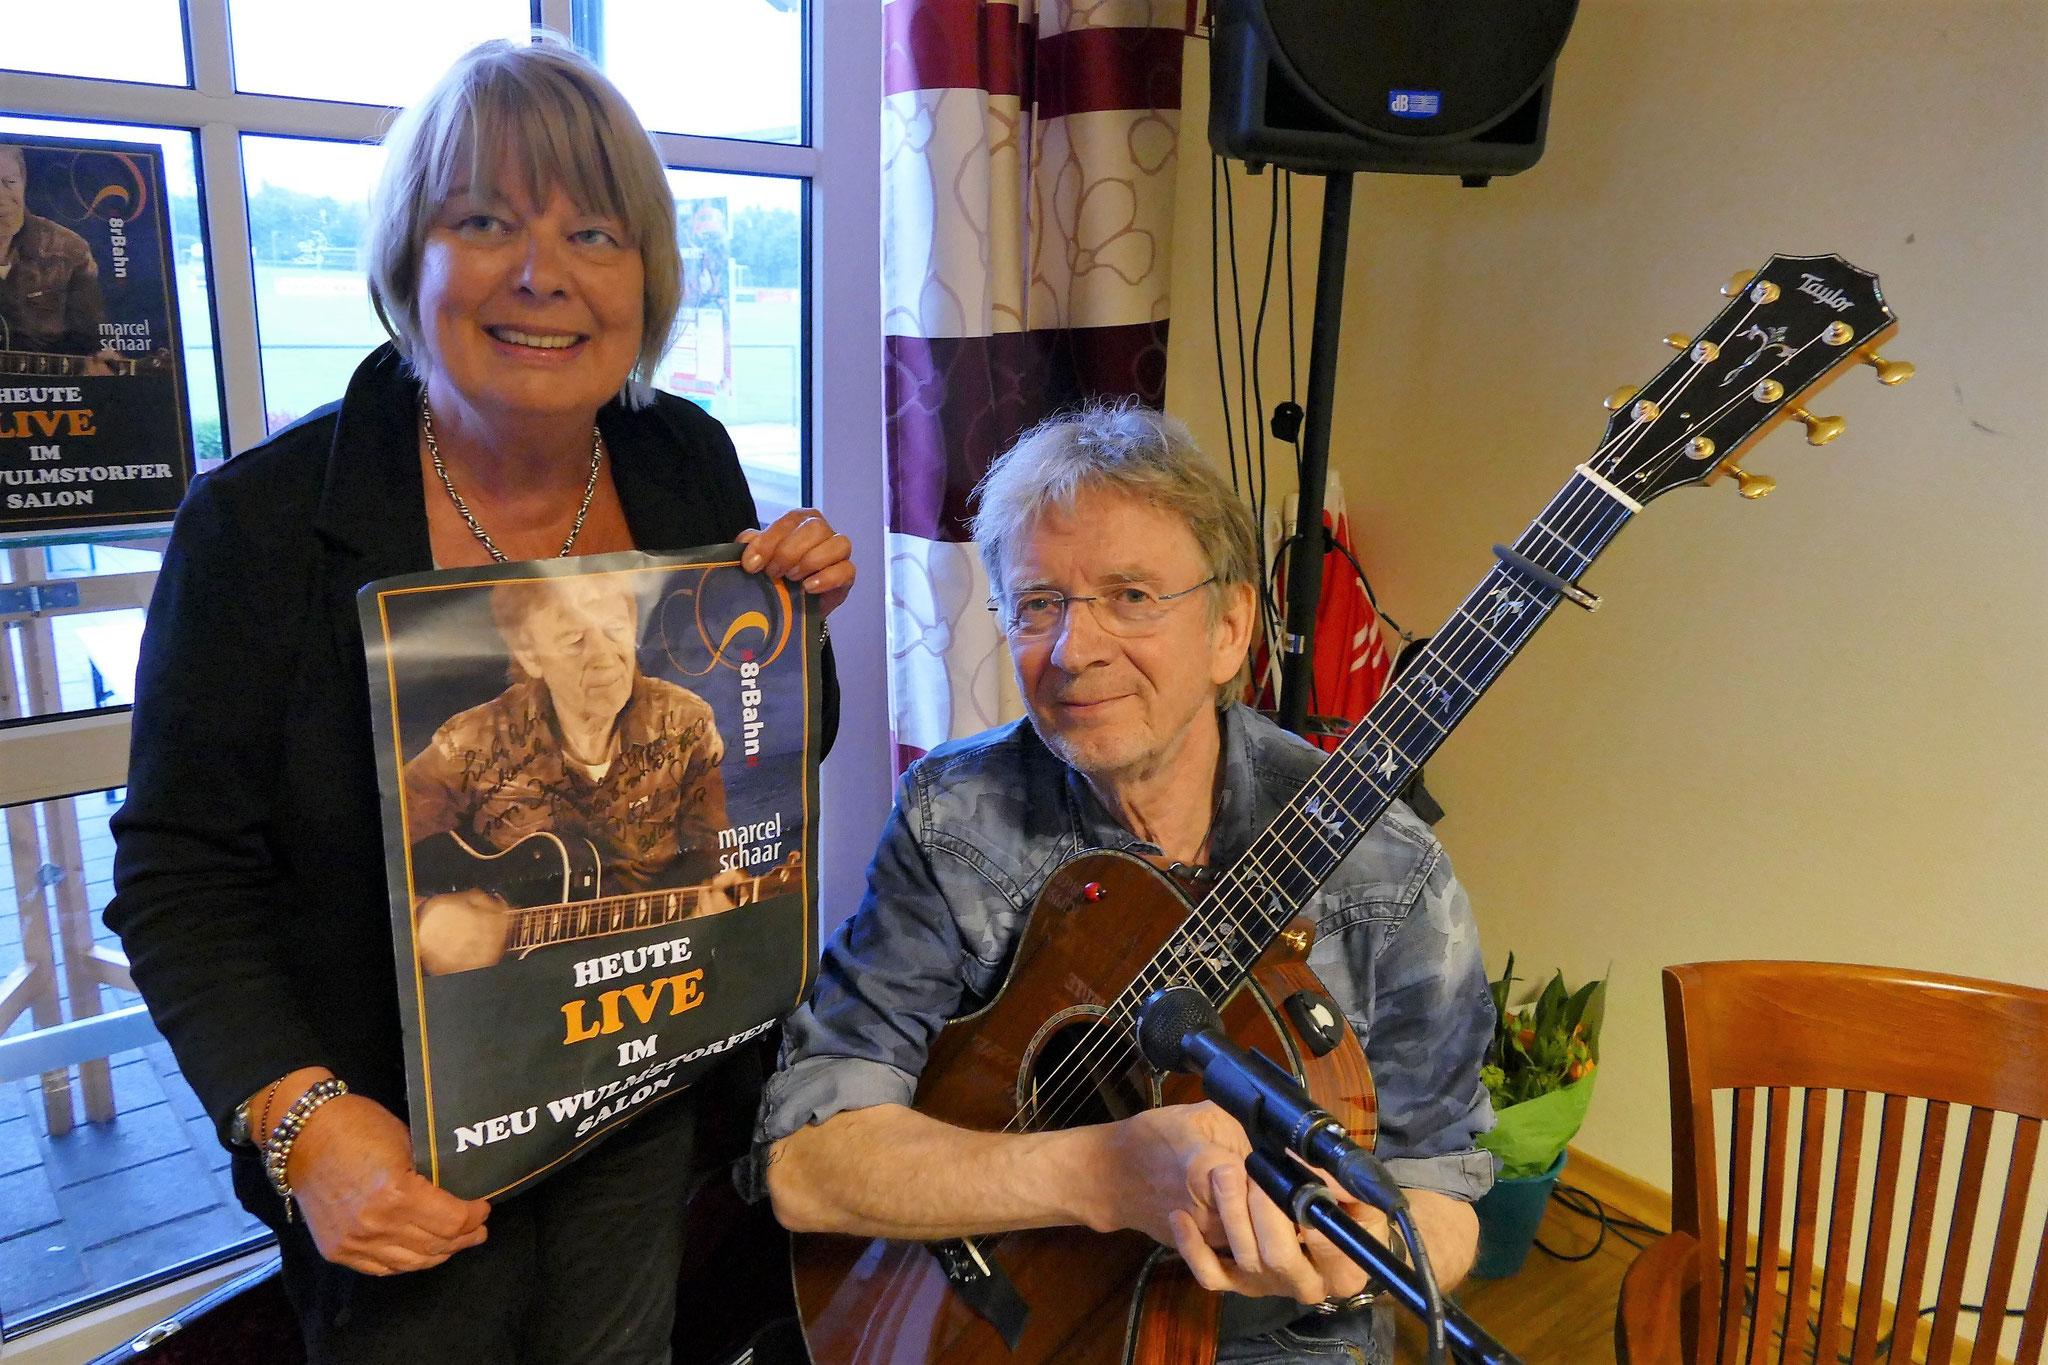 Singer/Songwriter Marcel Schaar überreicht Moderatorin Sylvia Karasch ein handsigniertes Plakat ...